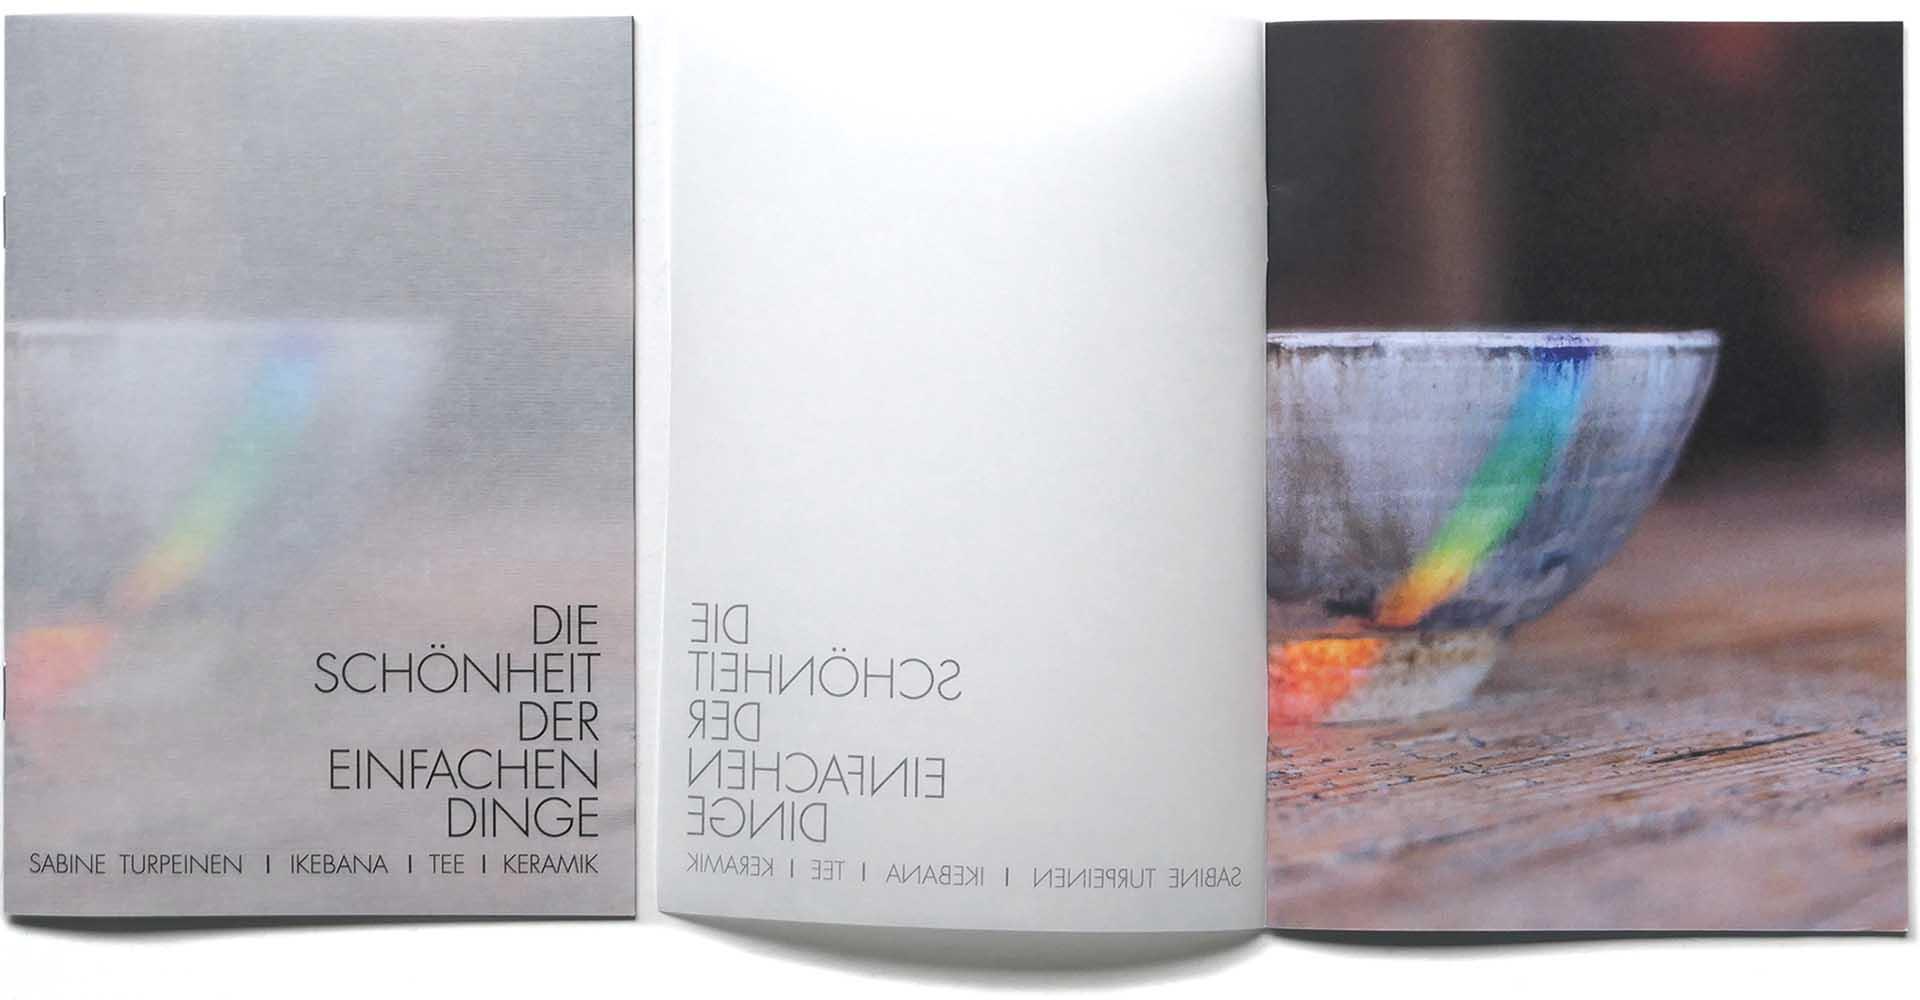 Gestaltung / Ausstellungs-Heft, Diözesan Museum Freising